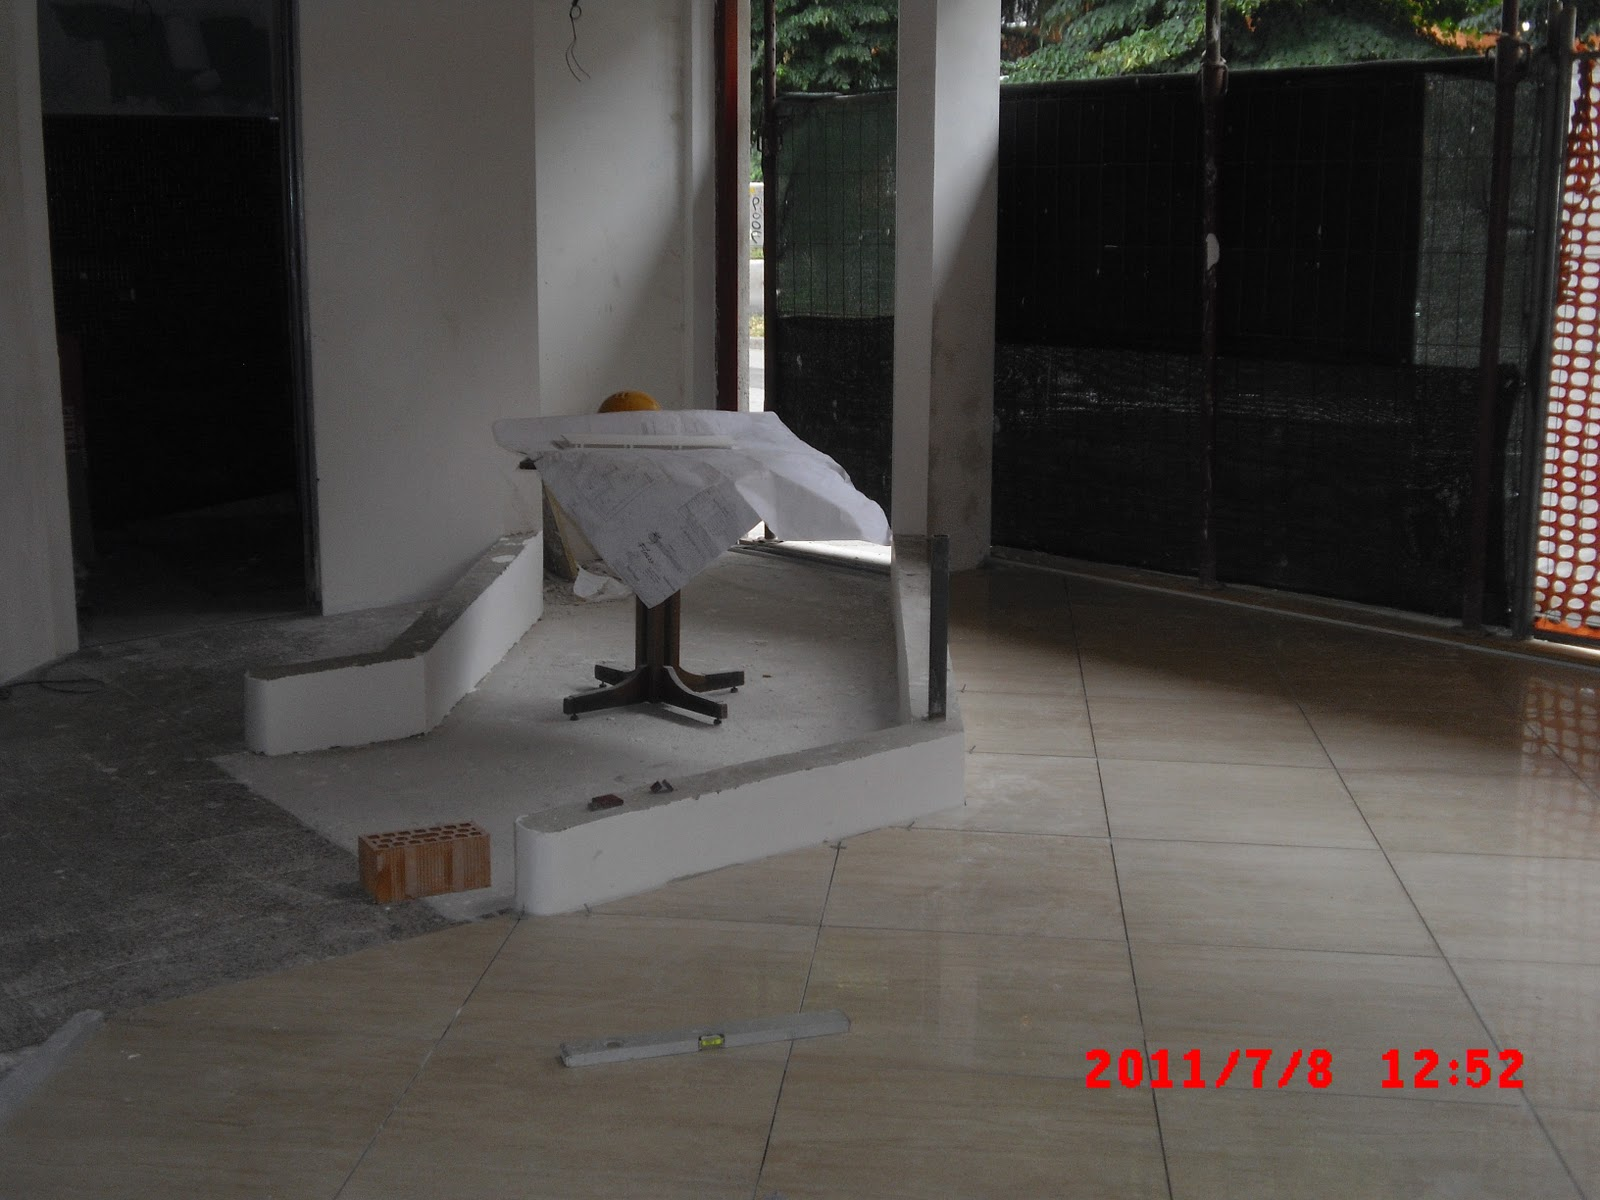 Nuovi pavimenti e rivestimenti in gres porcellanato in ristorante  TL COSTRUZIONI SRL